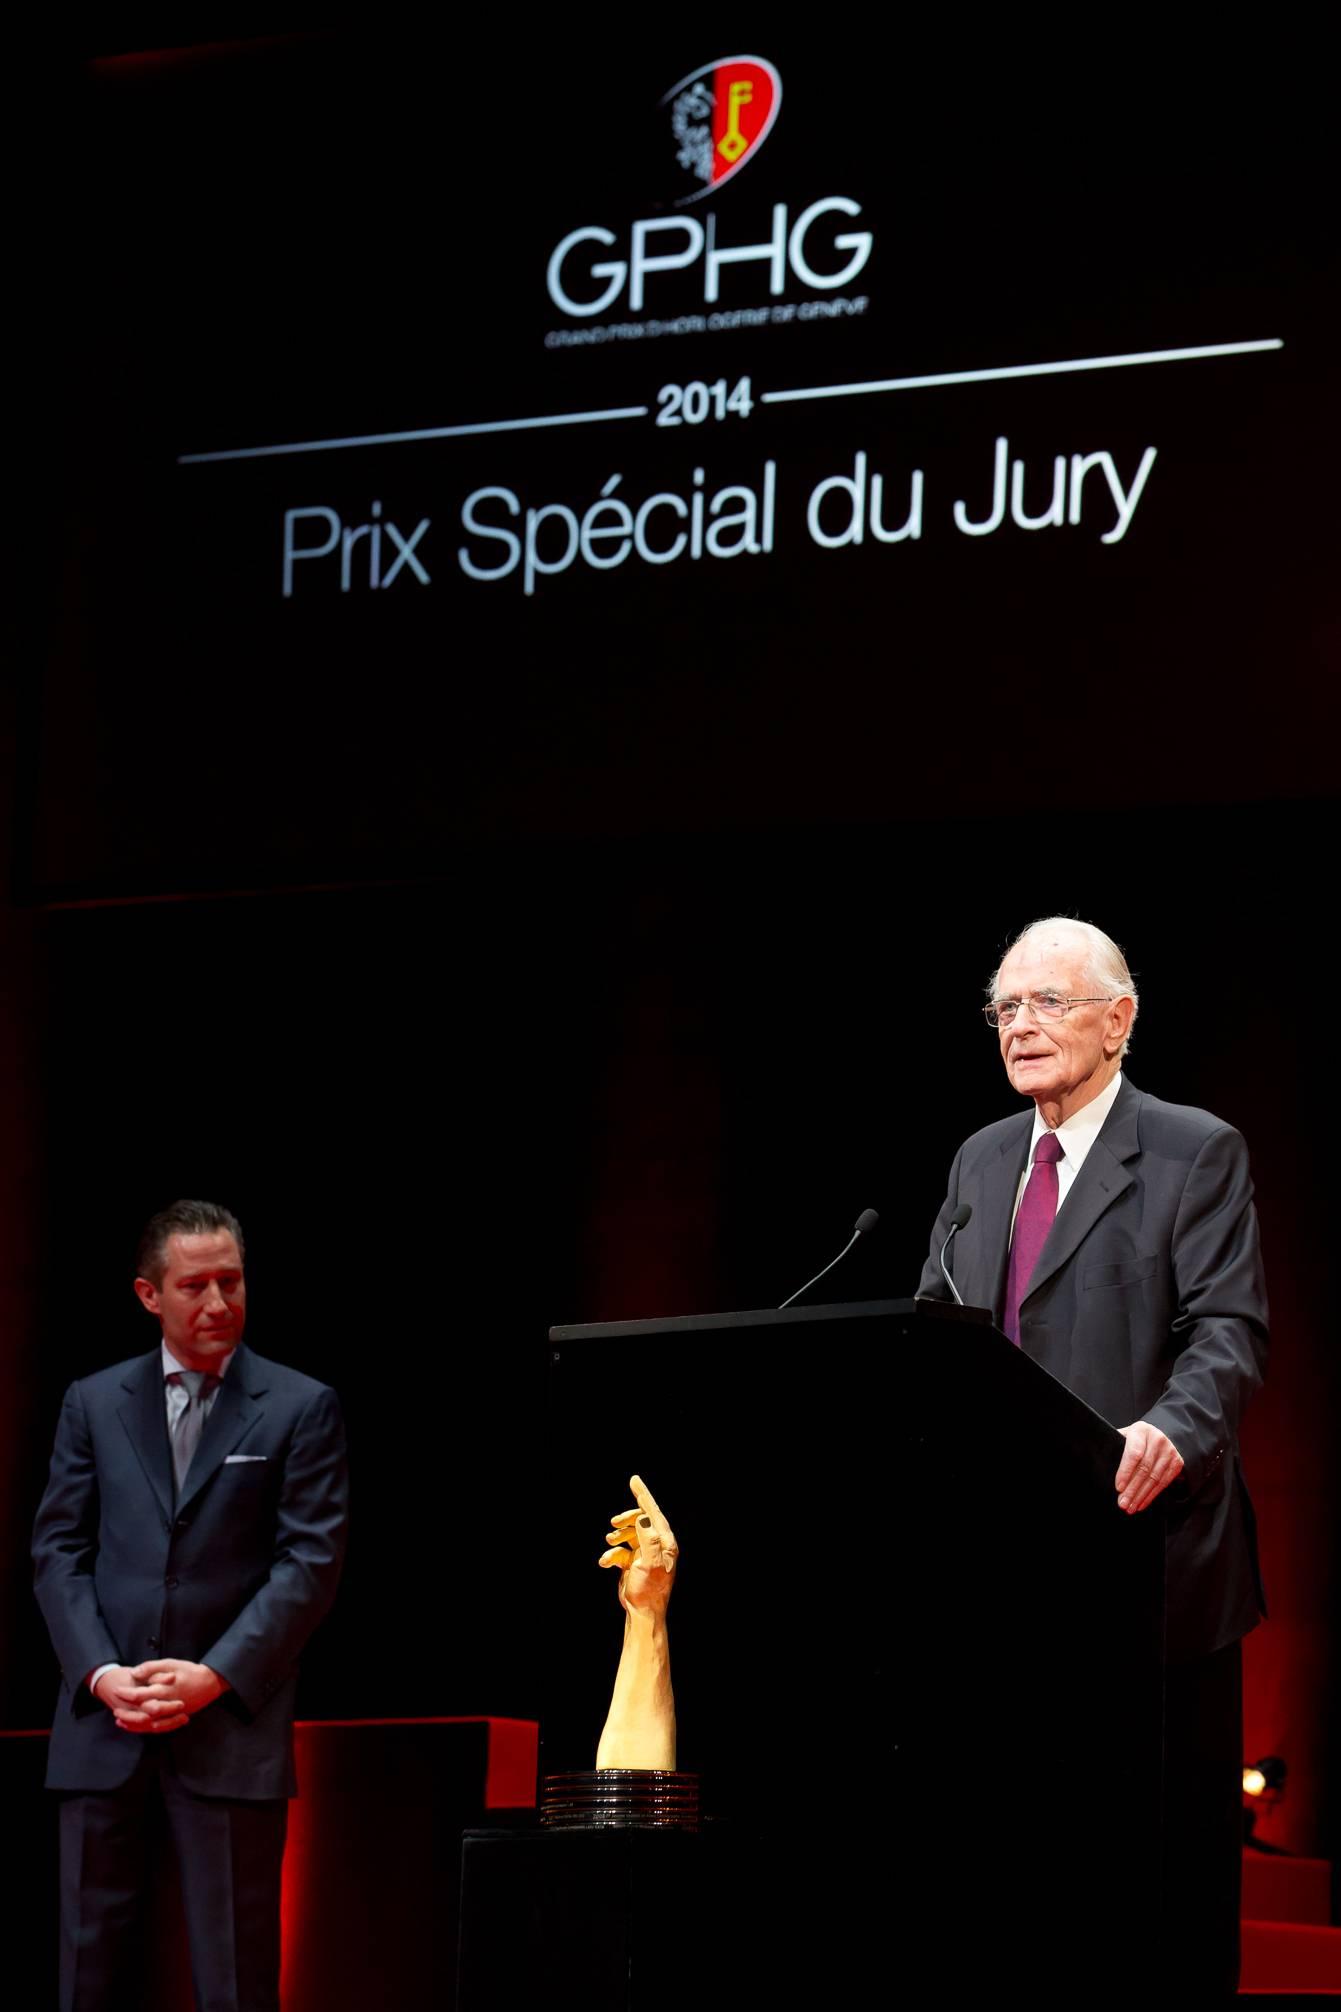 Aurel Bacs (Président du jury) et Walter Lange (Fondateur de A. Lange & Söhne et lauréat du Prix Spécial du Jury 2014)